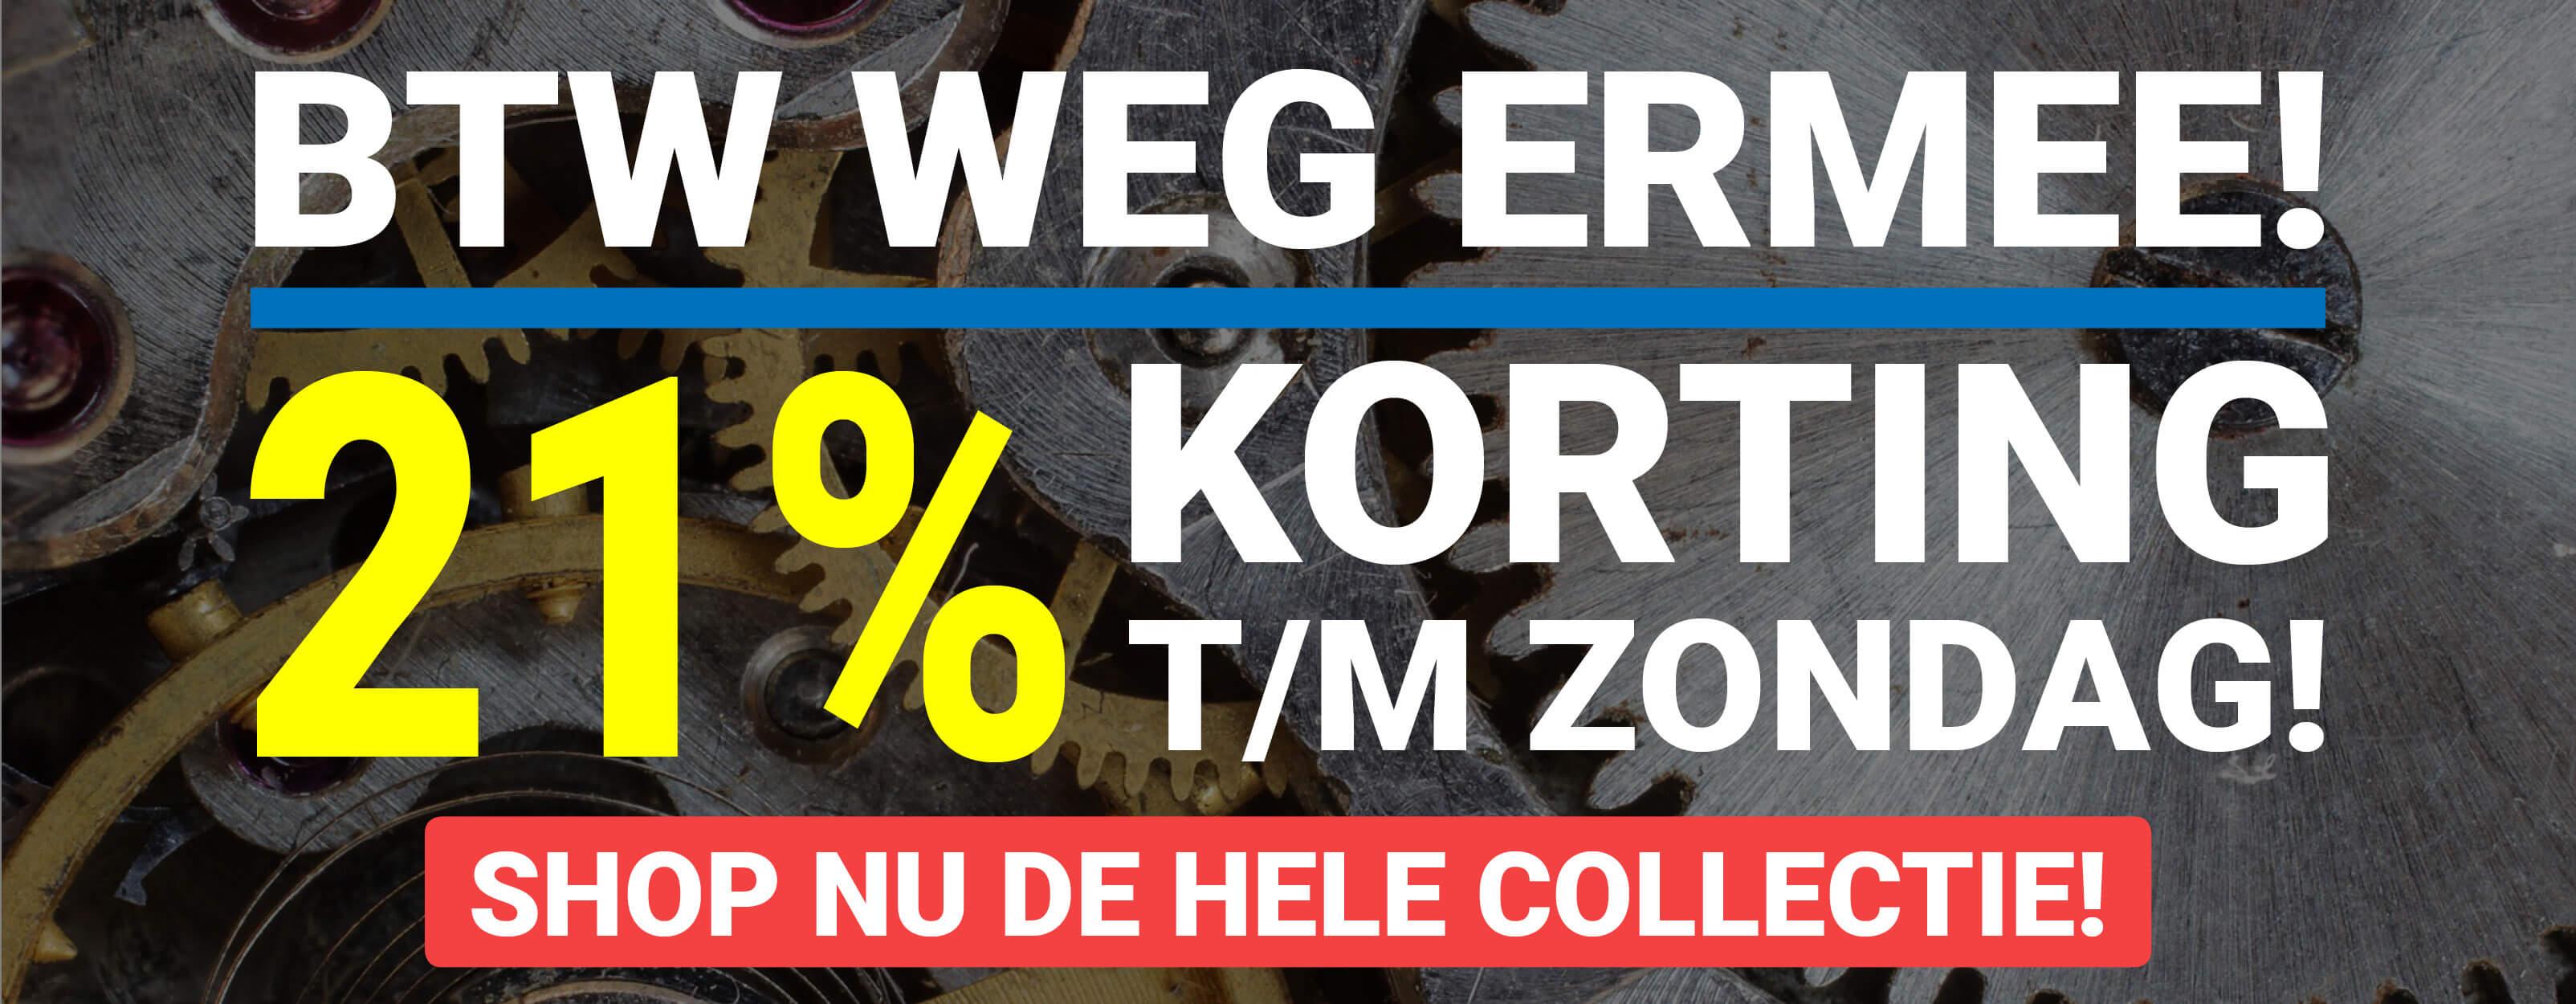 BTW weg ermee! 21% korting op de hele collectie!